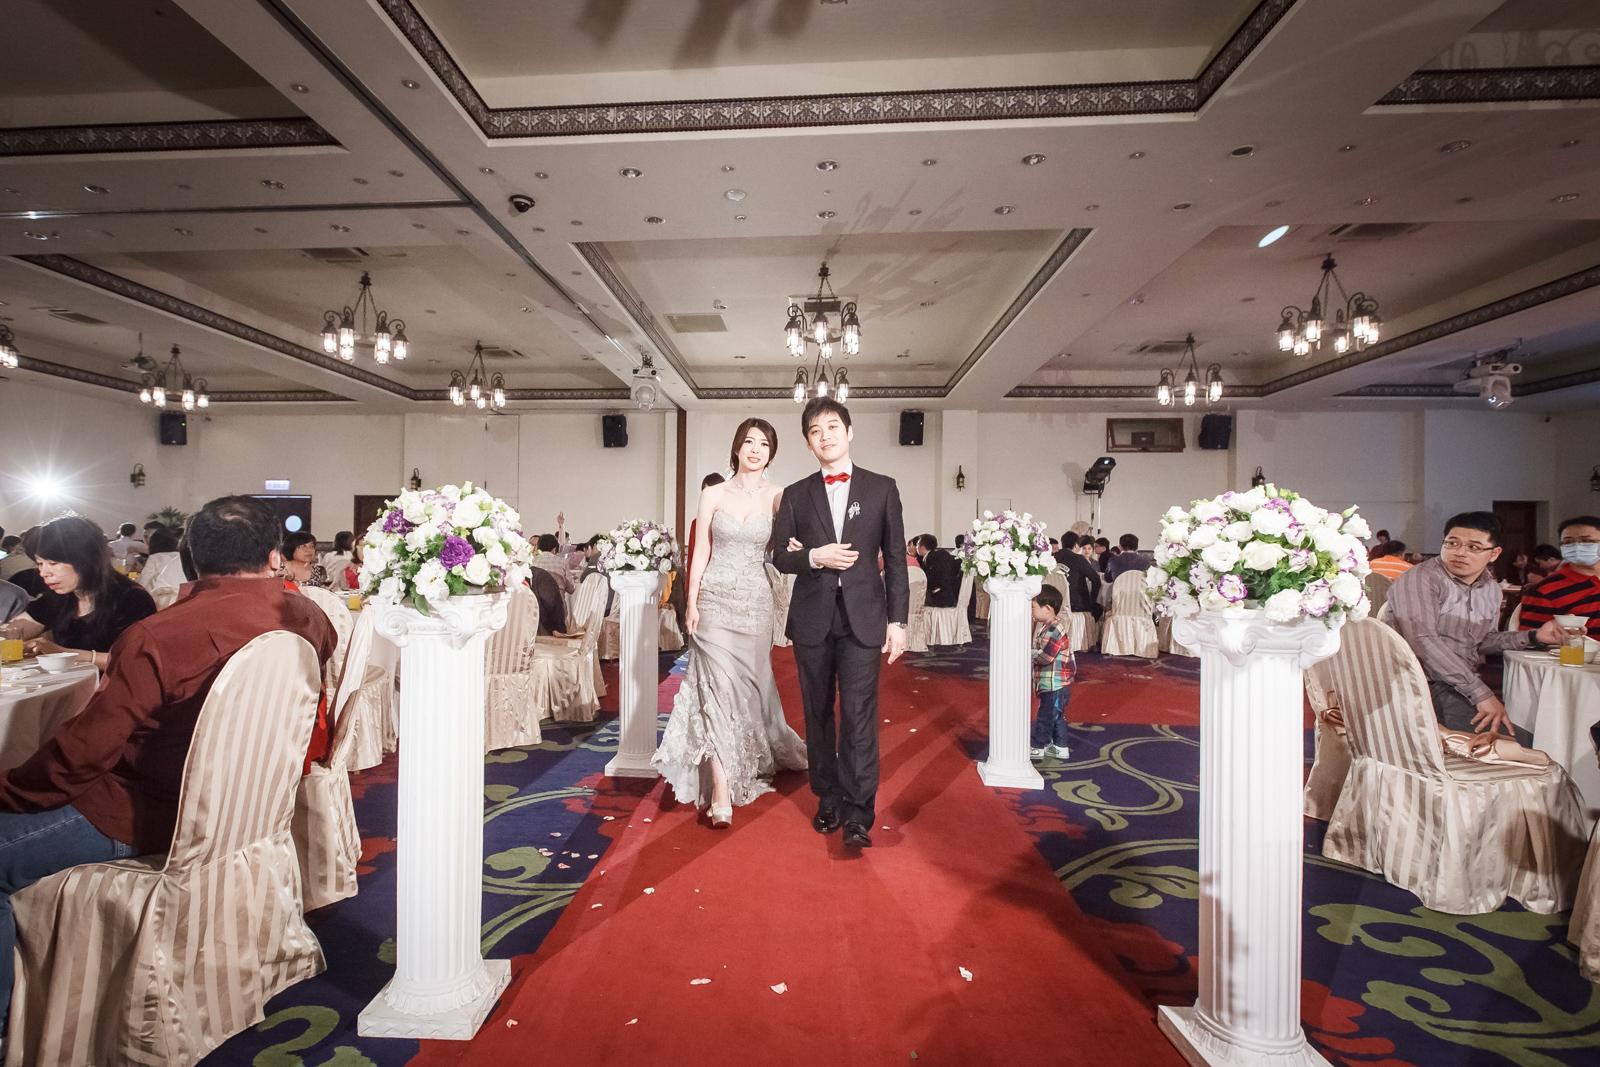 20150412 建維 筱琪 EK婚攝 理想大地 0072